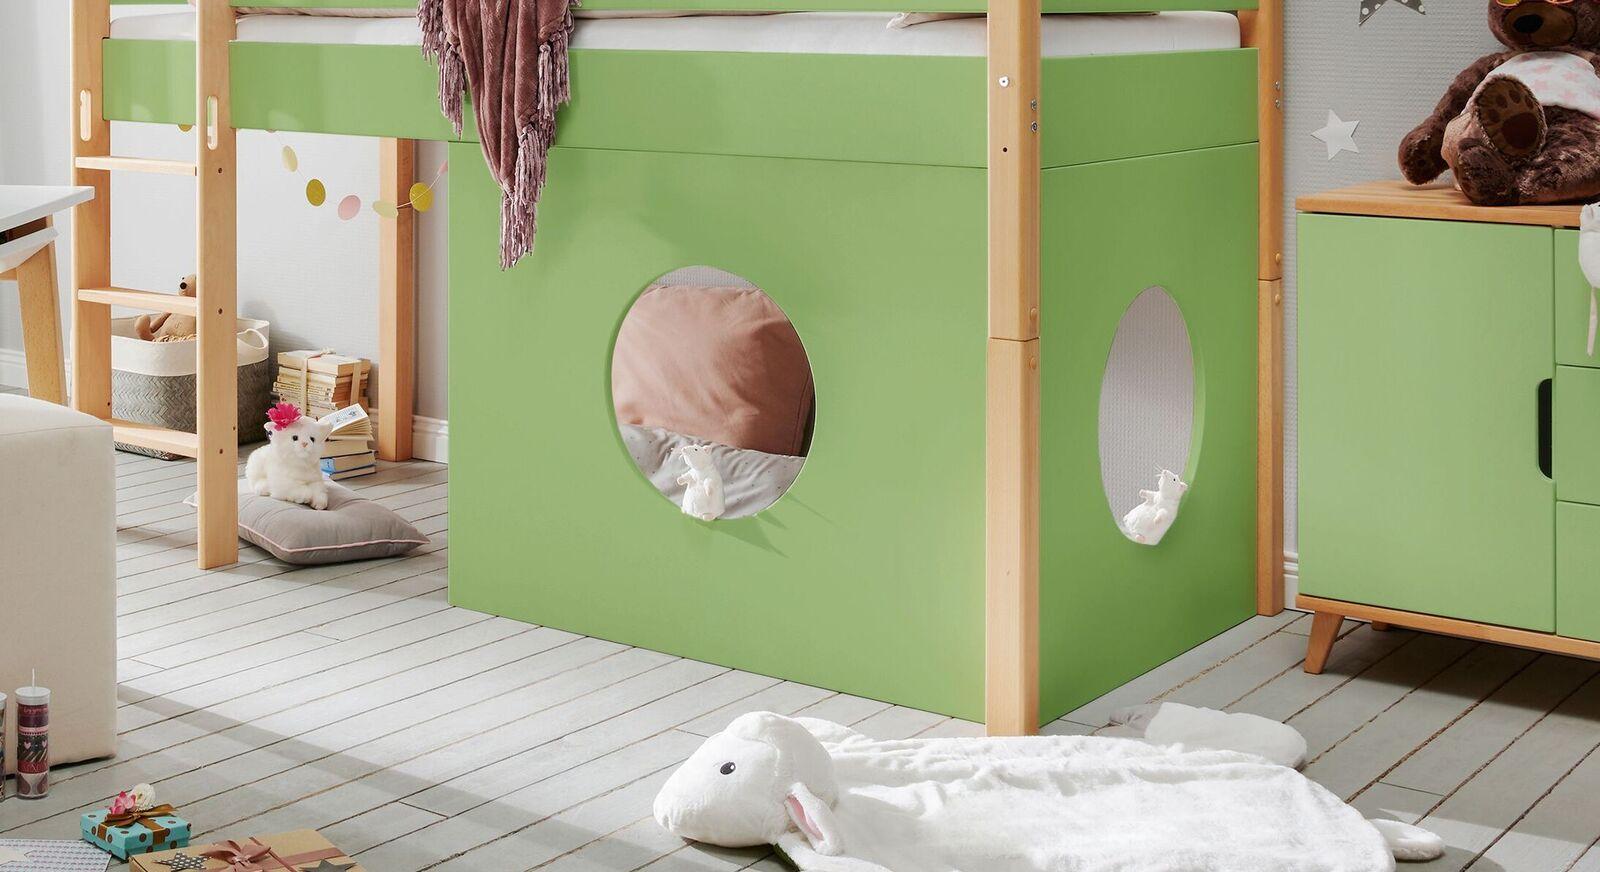 Fensterelement Kids Nordic als Zusatzausstattung für Mini-Hochbetten in Grün